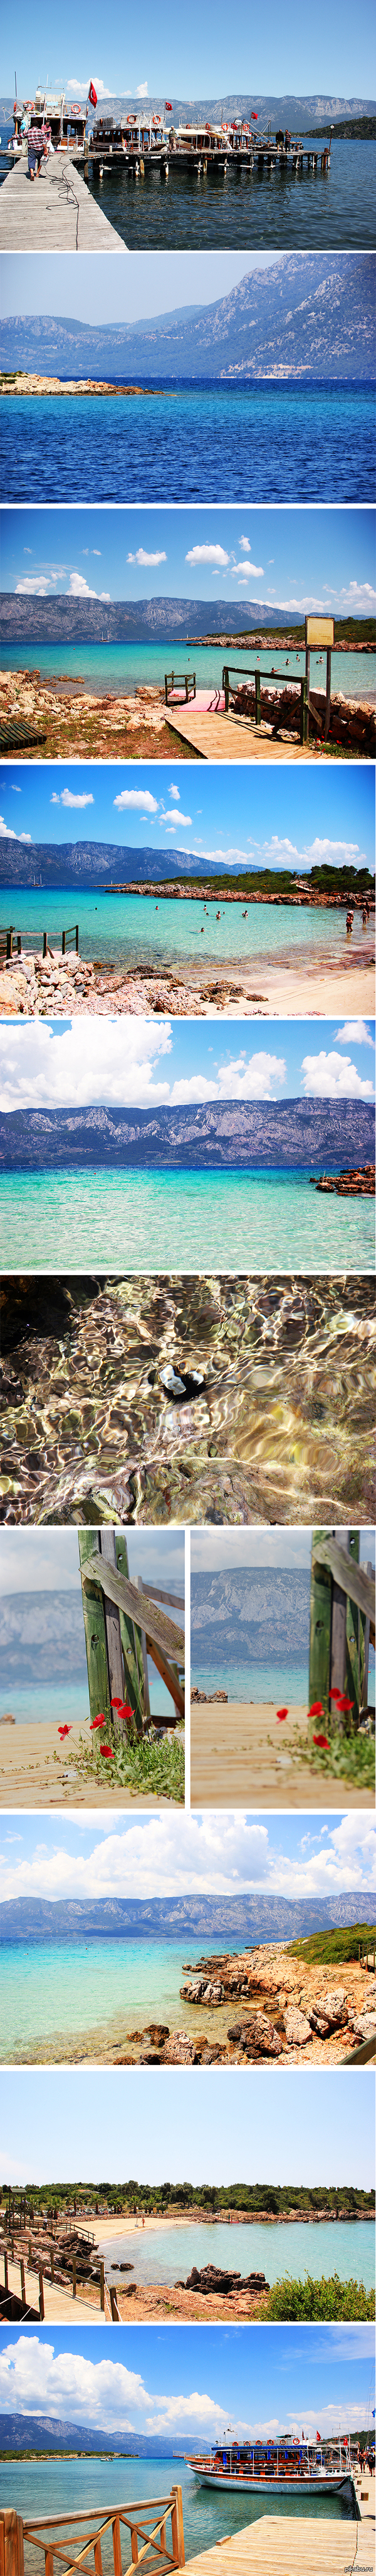 Пляж Клеопатры Основная фишка пляжа - в необычном песке, который, по легенде, сюда привезли из Северной Африки. Песок уникален, и встречается только в 2х местах на Земле.